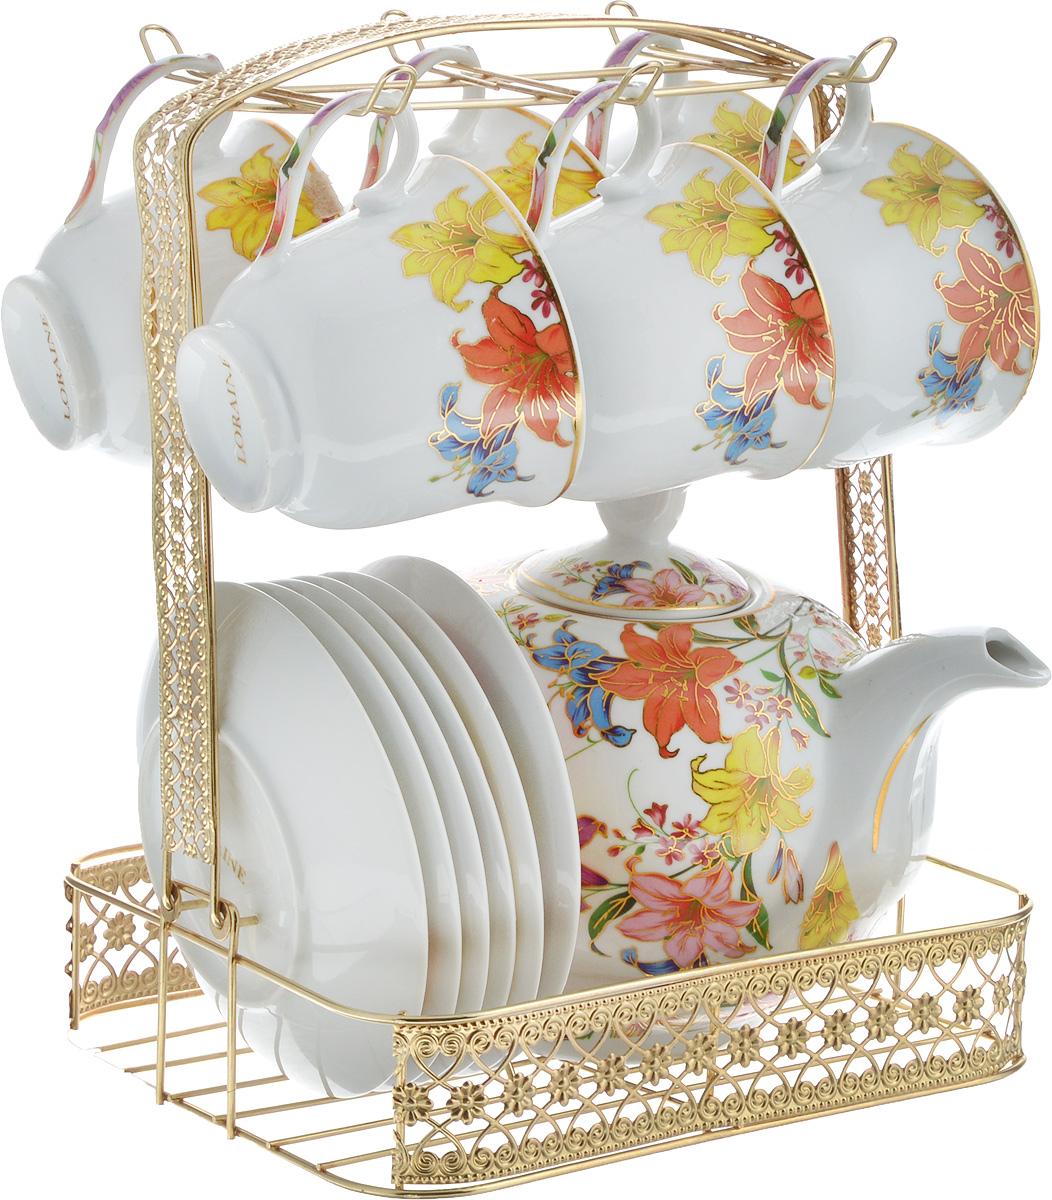 Набор чайный Loraine, на подставке, 14 предметов. 2666626666Чайный набор Loraine состоит из 6 чашек, 6 блюдец, заварочного чайника и подставки. Посуда изготовлена из качественной глазурованной керамики и оформлена изображением цветов. Блюдца и чашки имеют классическую круглую форму. Все предметы располагаются на удобной металлической подставке со съемной ручкой. Чайный набор Loraine идеально подойдет для сервировки стола и станет отличным подарком к любому празднику. Можно использовать в холодильнике и и мыть в посудомоечной машине. Объем чашки: 220 мл. Диаметр чашки (по верхнему краю): 8,7 см. Высота чашки: 7,3 см. Диаметр блюдца: 13,5 см. Высота блюдца: 2 см.Объем чайника: 950 мл. Размер чайника (с учетом ручки, носика и крышки): 21 х 12,5 х 15,5 см. Размер подставки (с учетом ручки): 21 х 18 х 26,5 см.